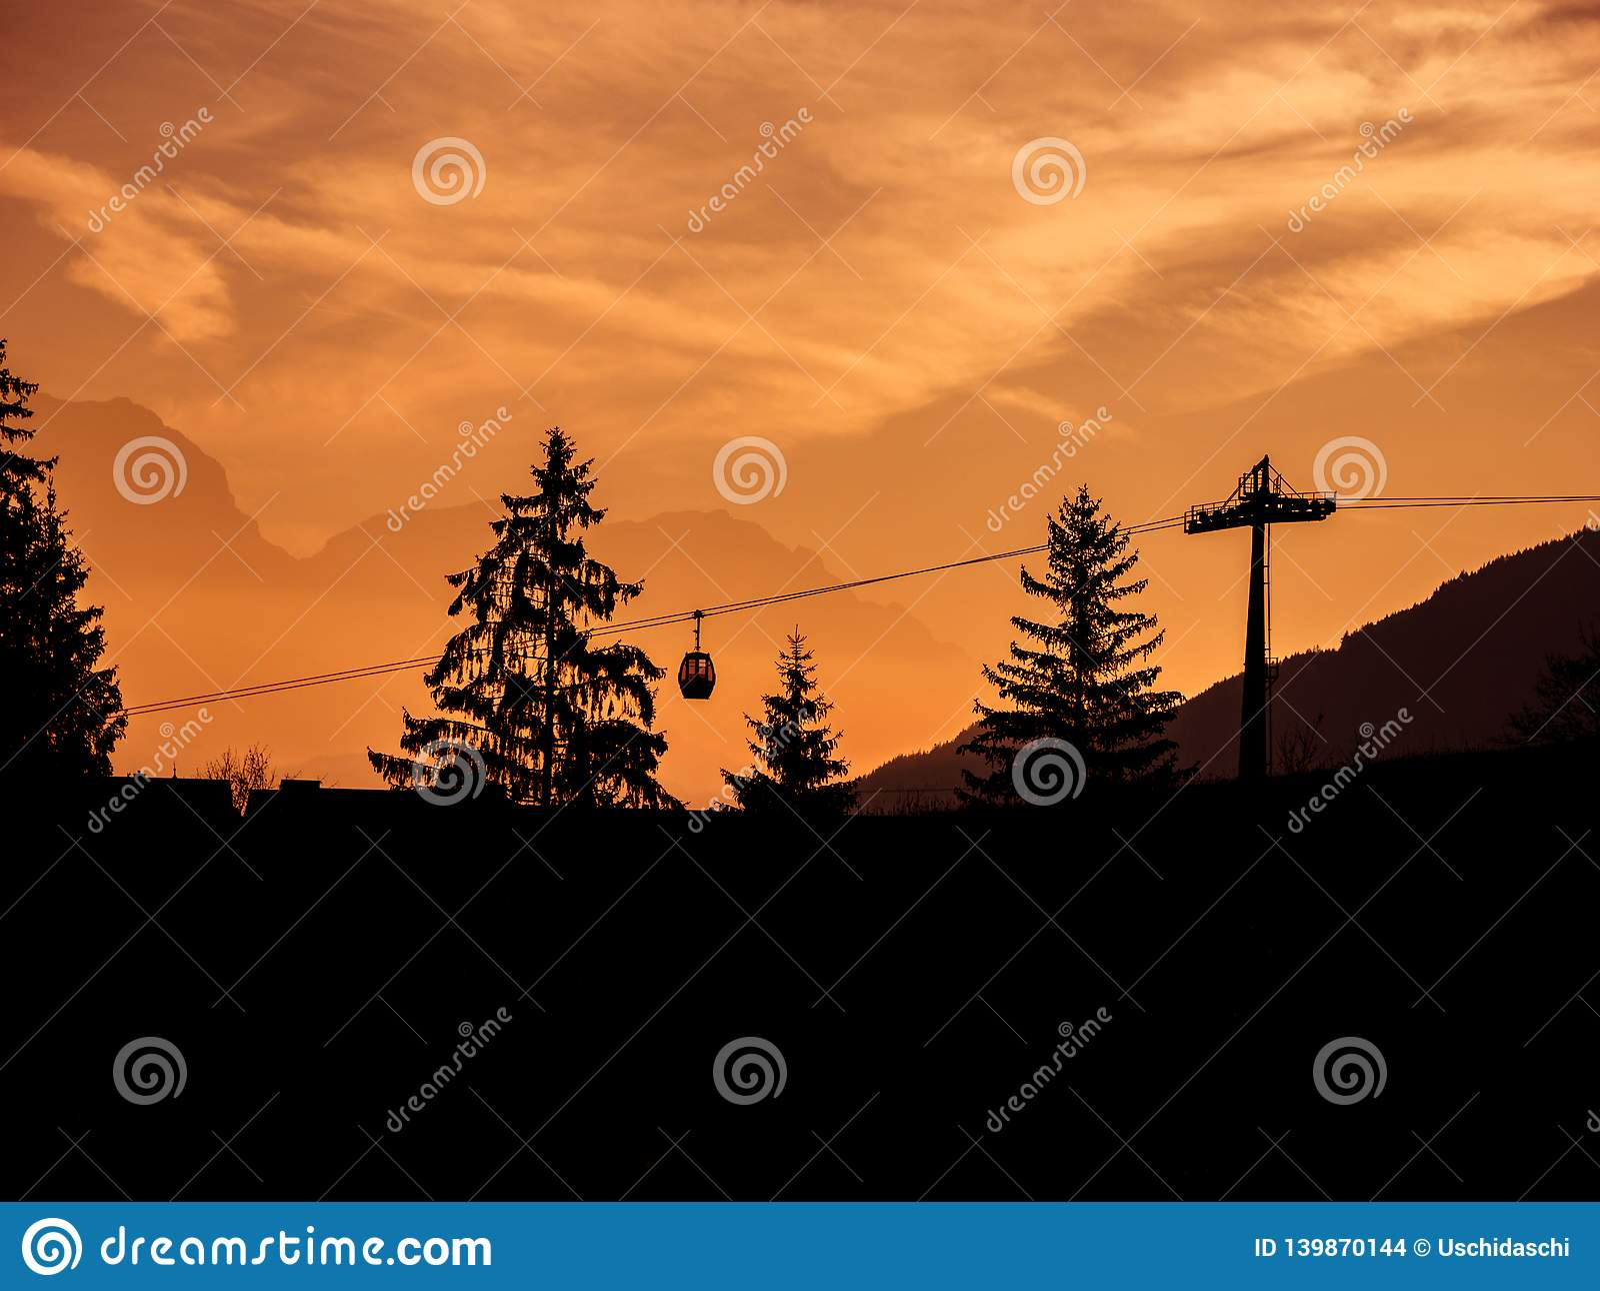 Imagen de siluetas del remonte y de los árboles durante salida del sol en la madrugada